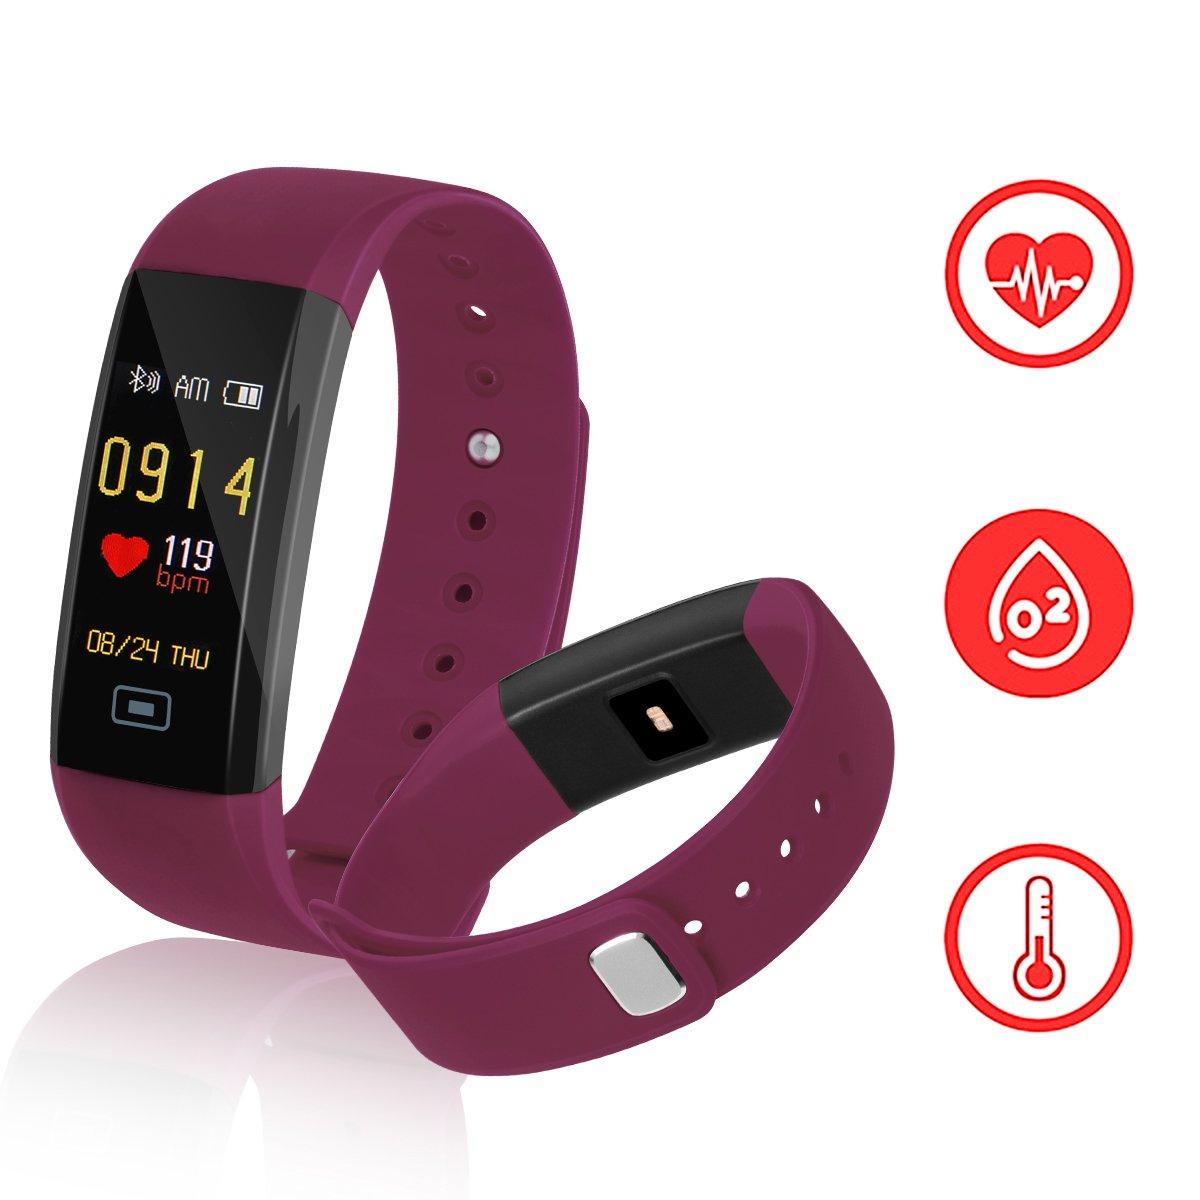 Fitness tracker kirlor、カラフルな画面新しいバージョンスマートブレスレットとハートレート血圧Blood酸素モニタ、スマート腕時計歩数計活動トラッカーBluetooth for Android & iOS (パープル) B078X9J617